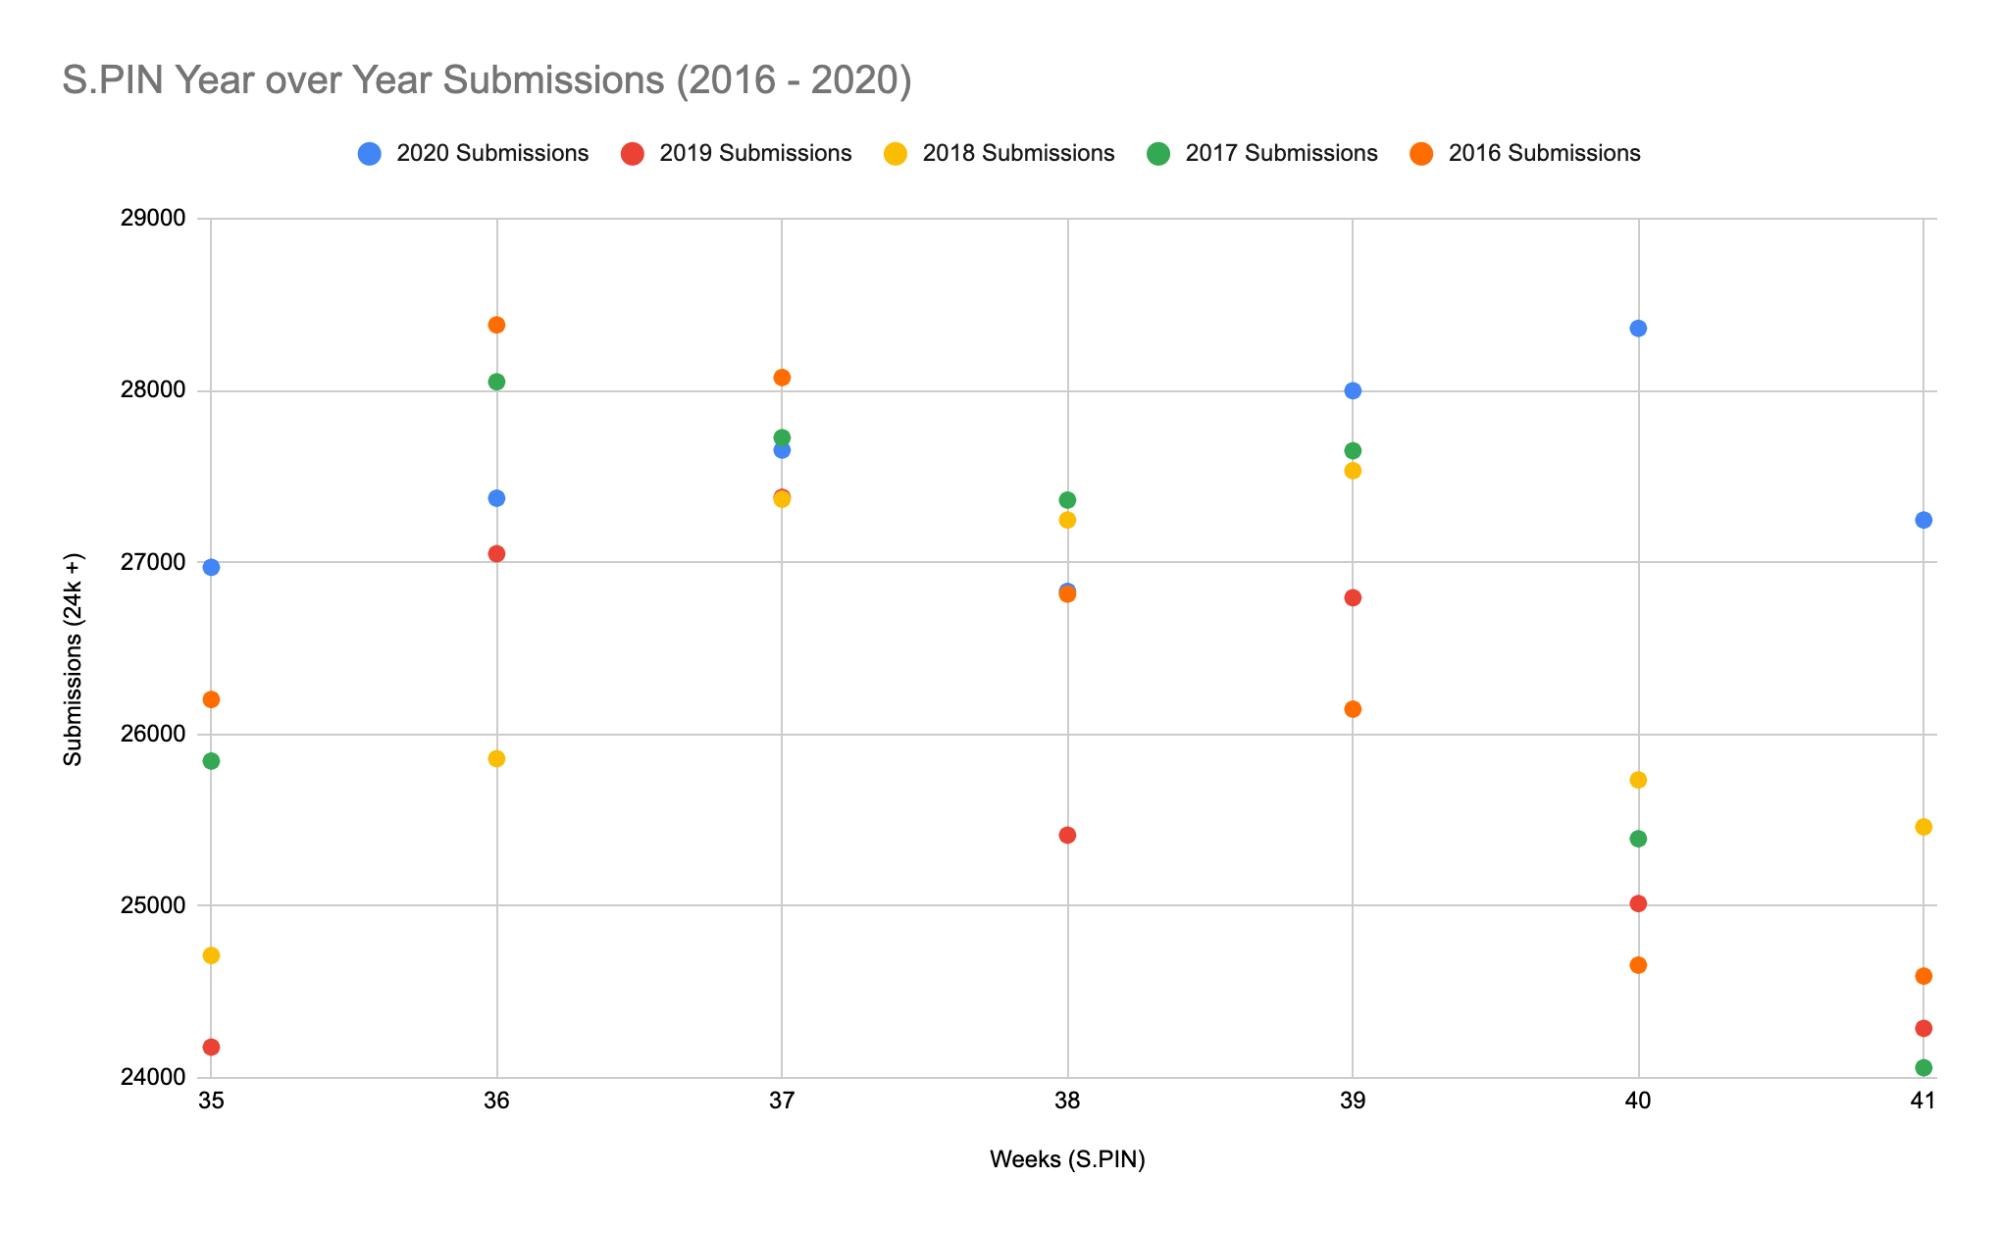 2020 database recap SPIN 2016-2020